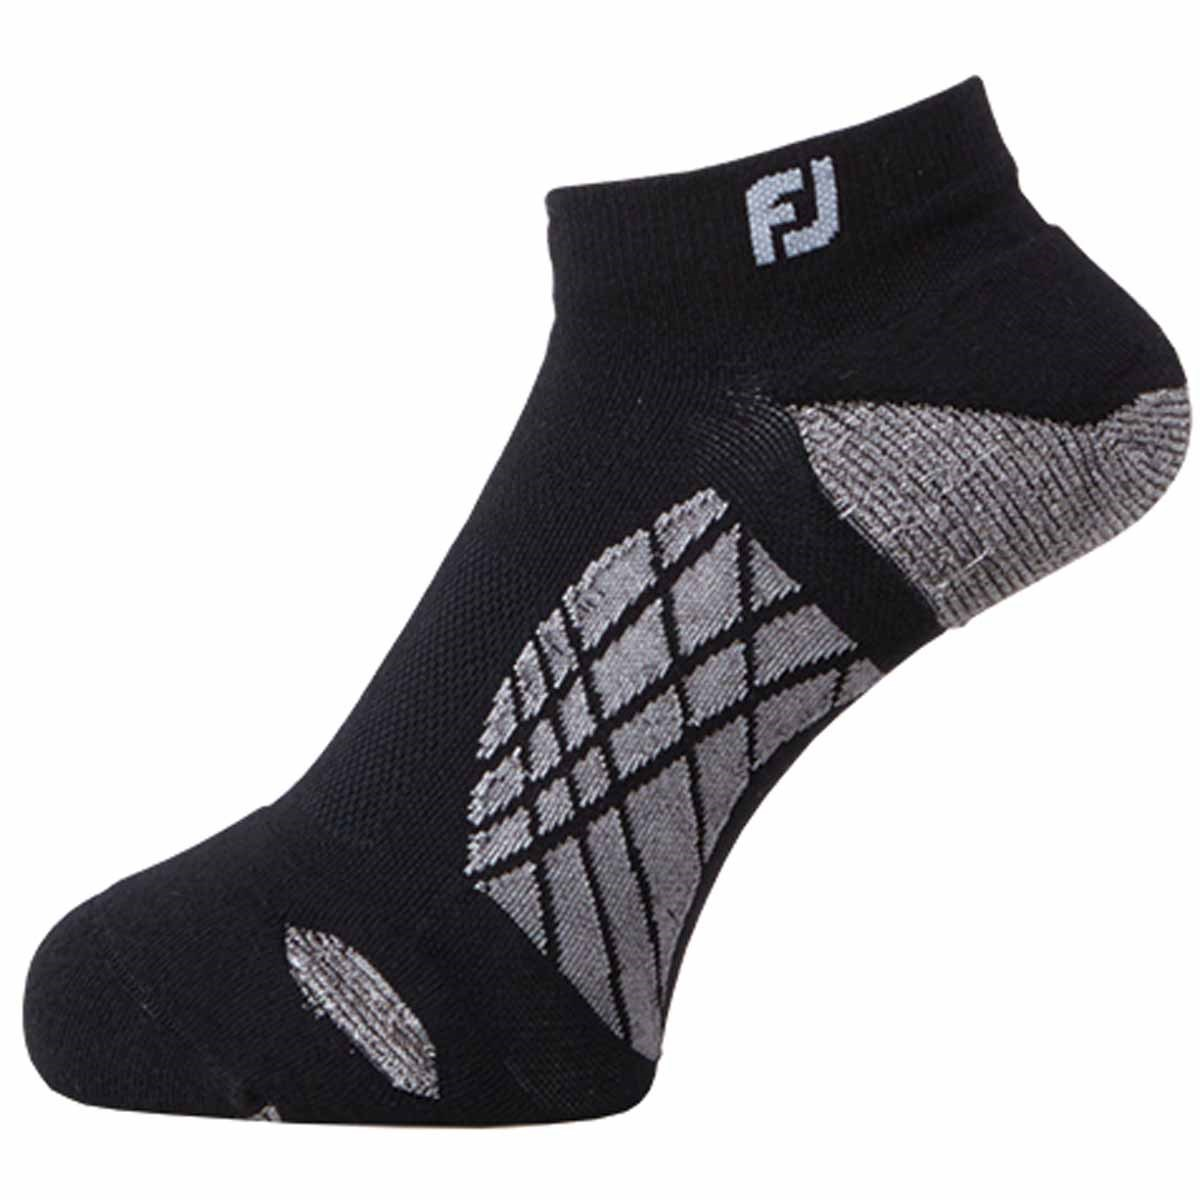 フットジョイ Foot Joy ナノロックテック スポーツ ソックス フリー ブラック